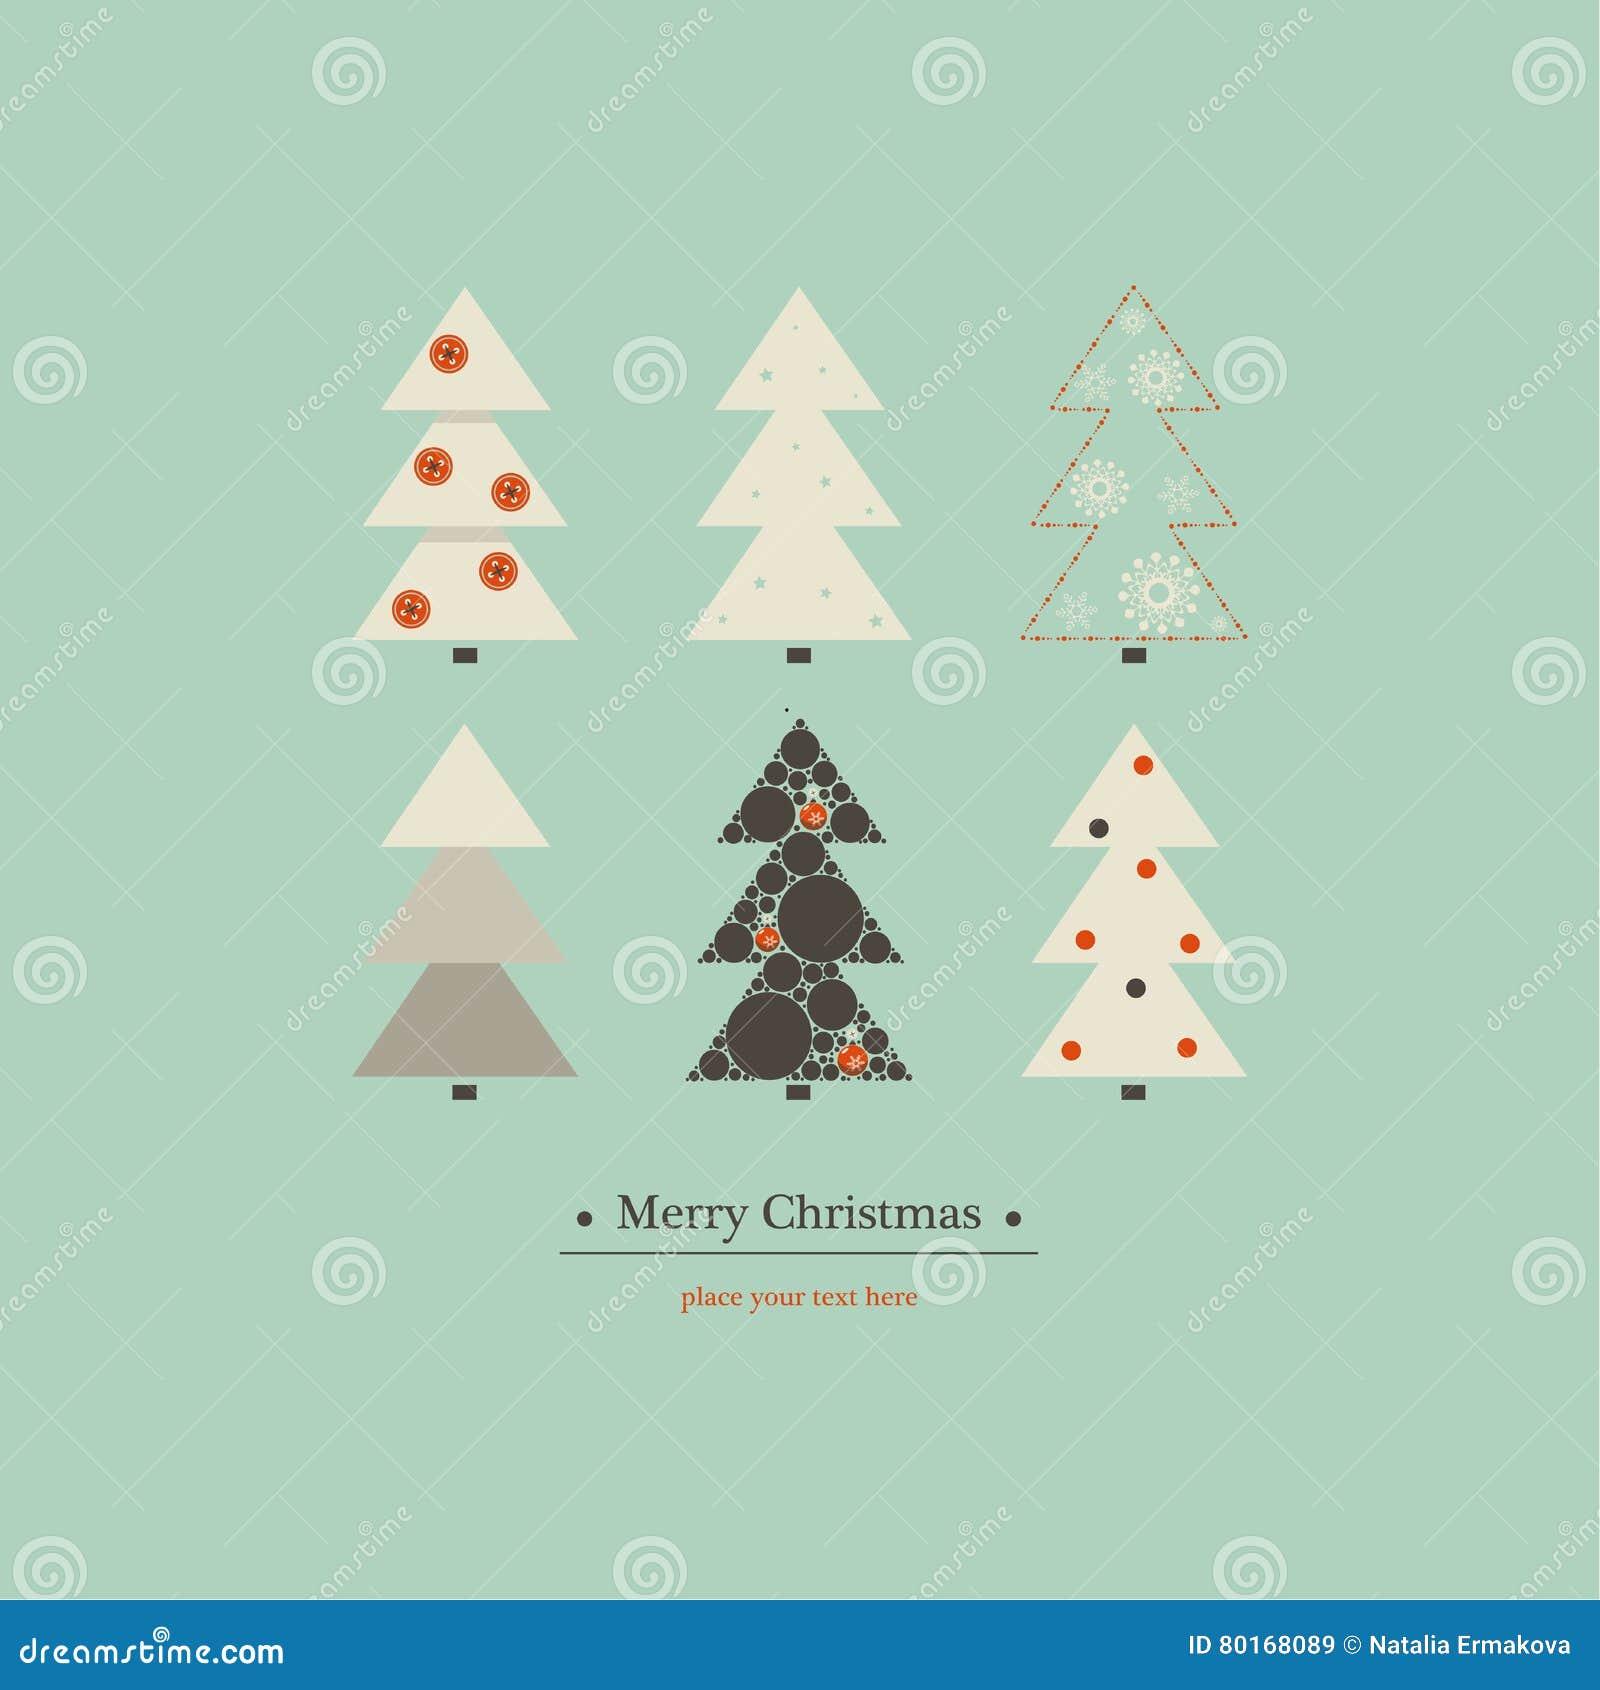 Dekkingsontwerp voor Vrolijke Kerstmis